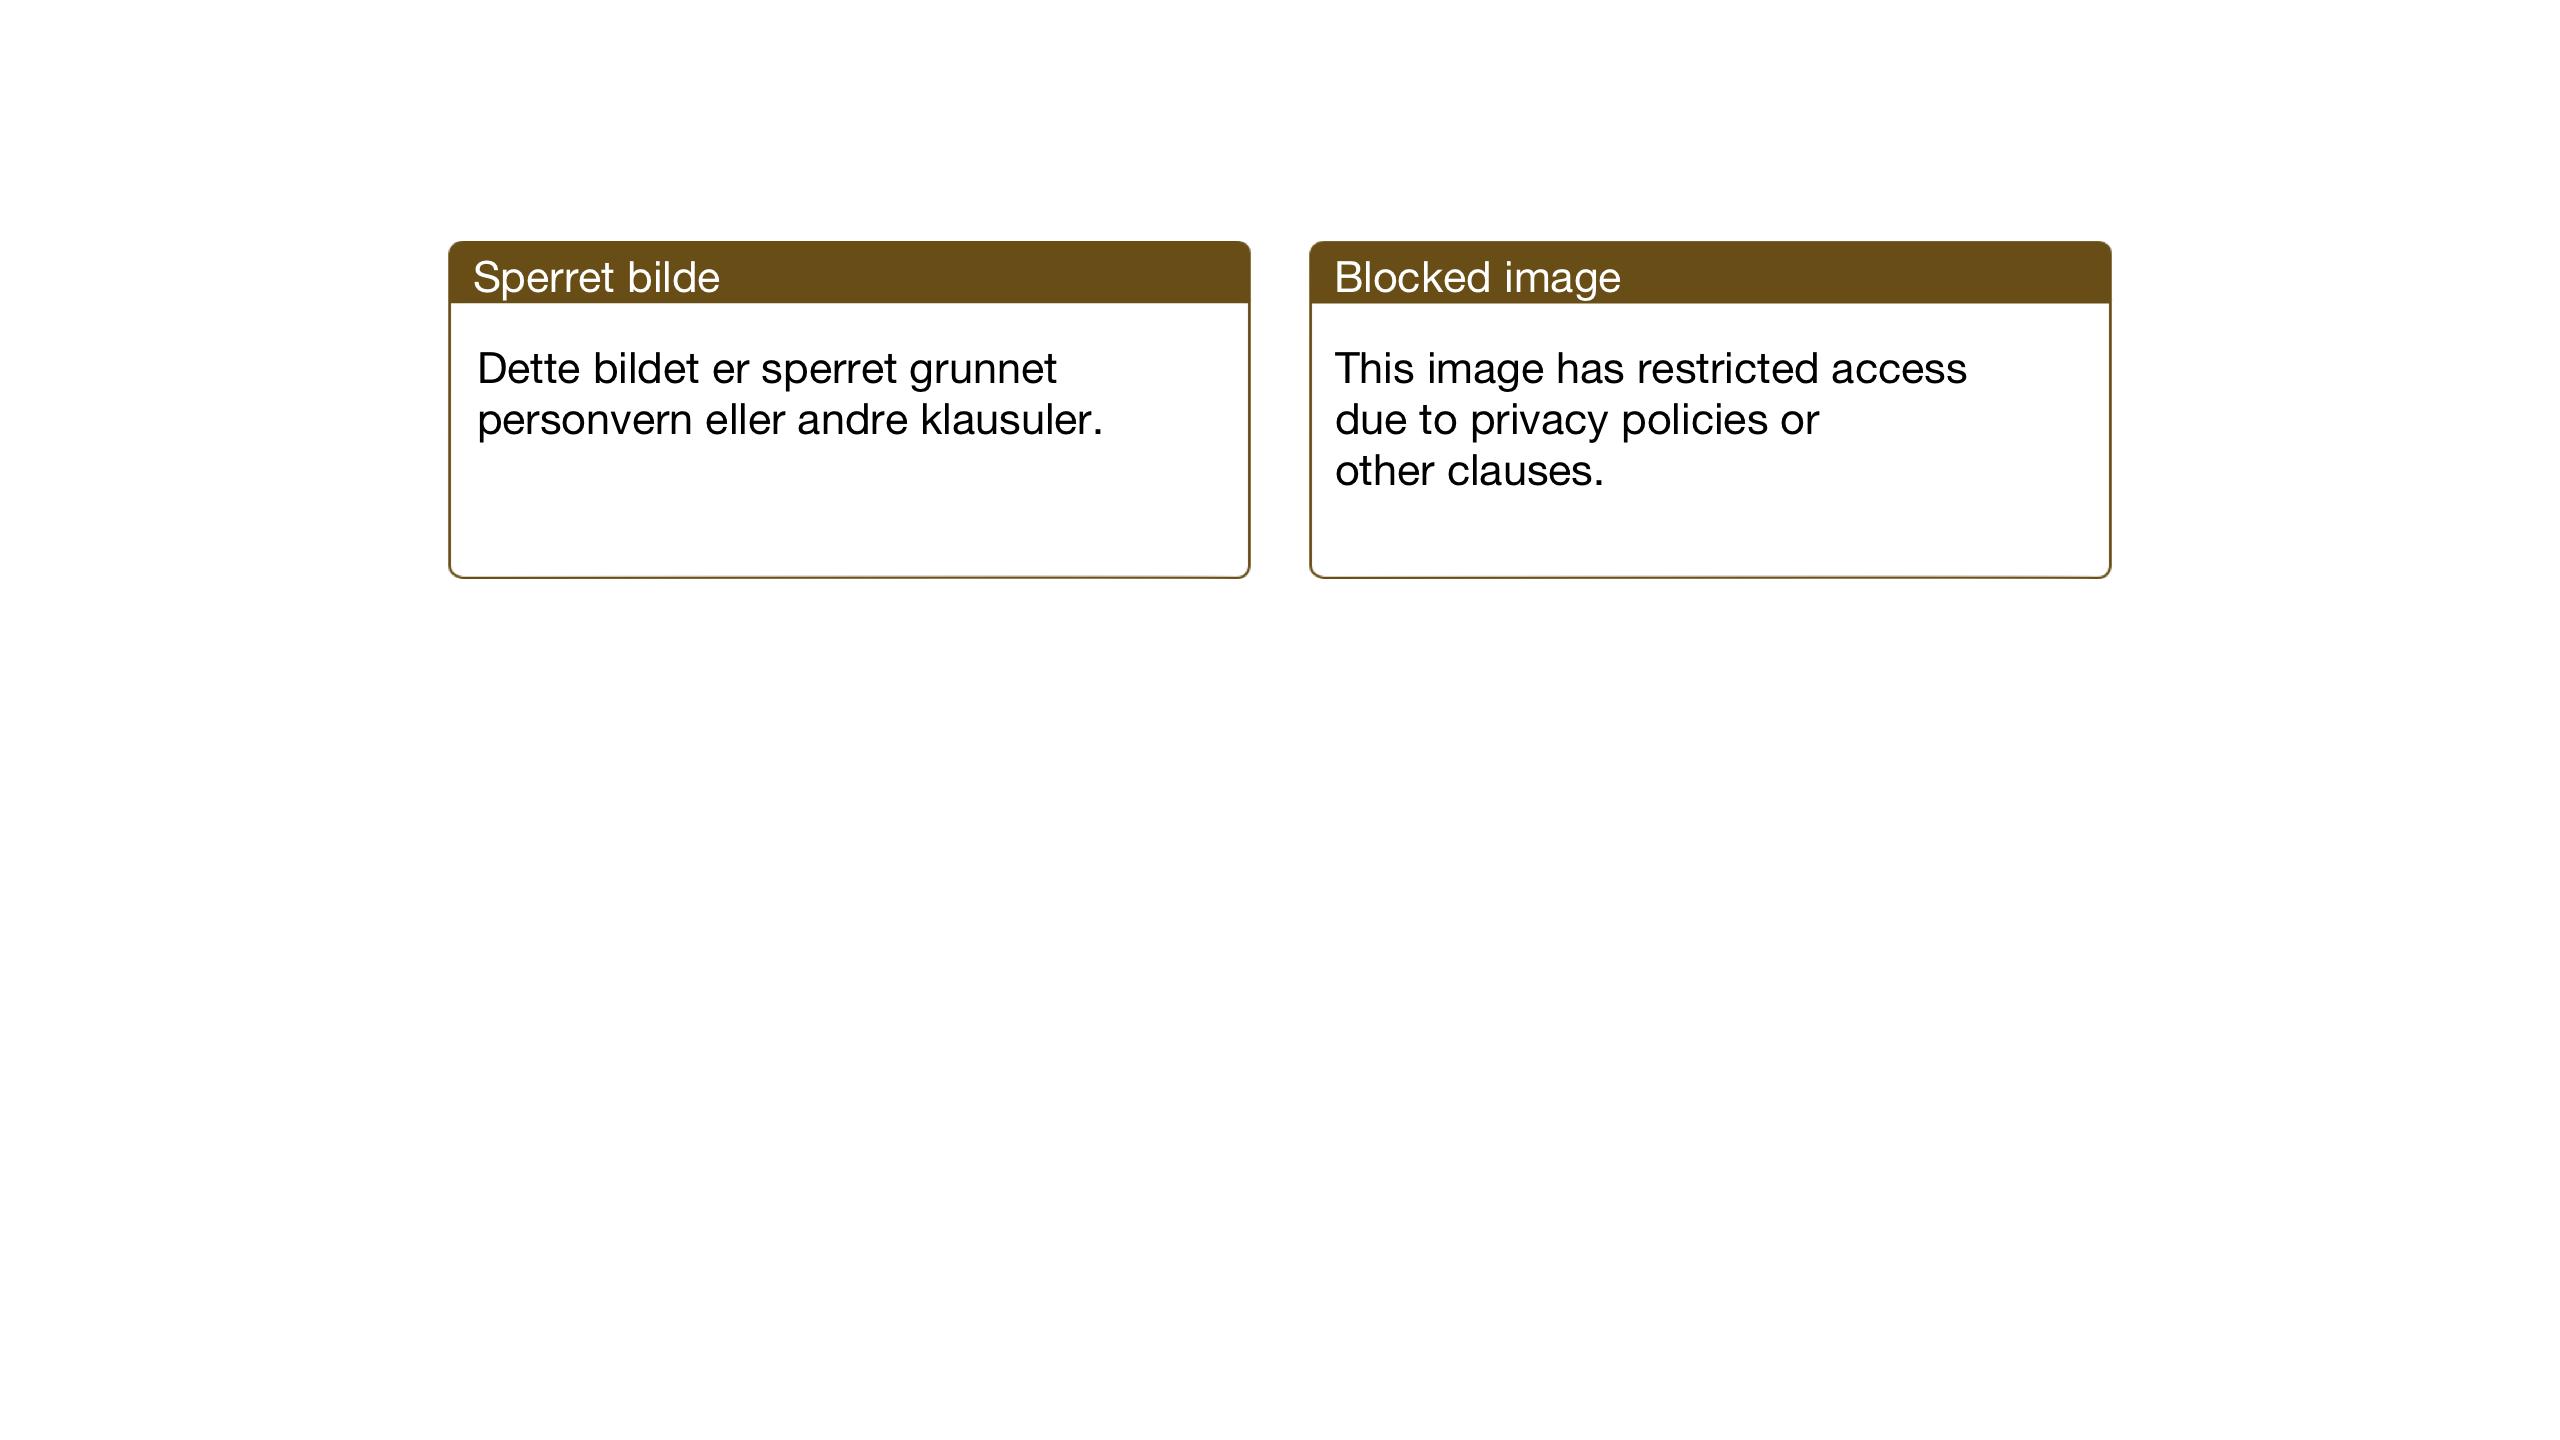 SAT, Ministerialprotokoller, klokkerbøker og fødselsregistre - Sør-Trøndelag, 667/L0799: Klokkerbok nr. 667C04, 1929-1950, s. 20